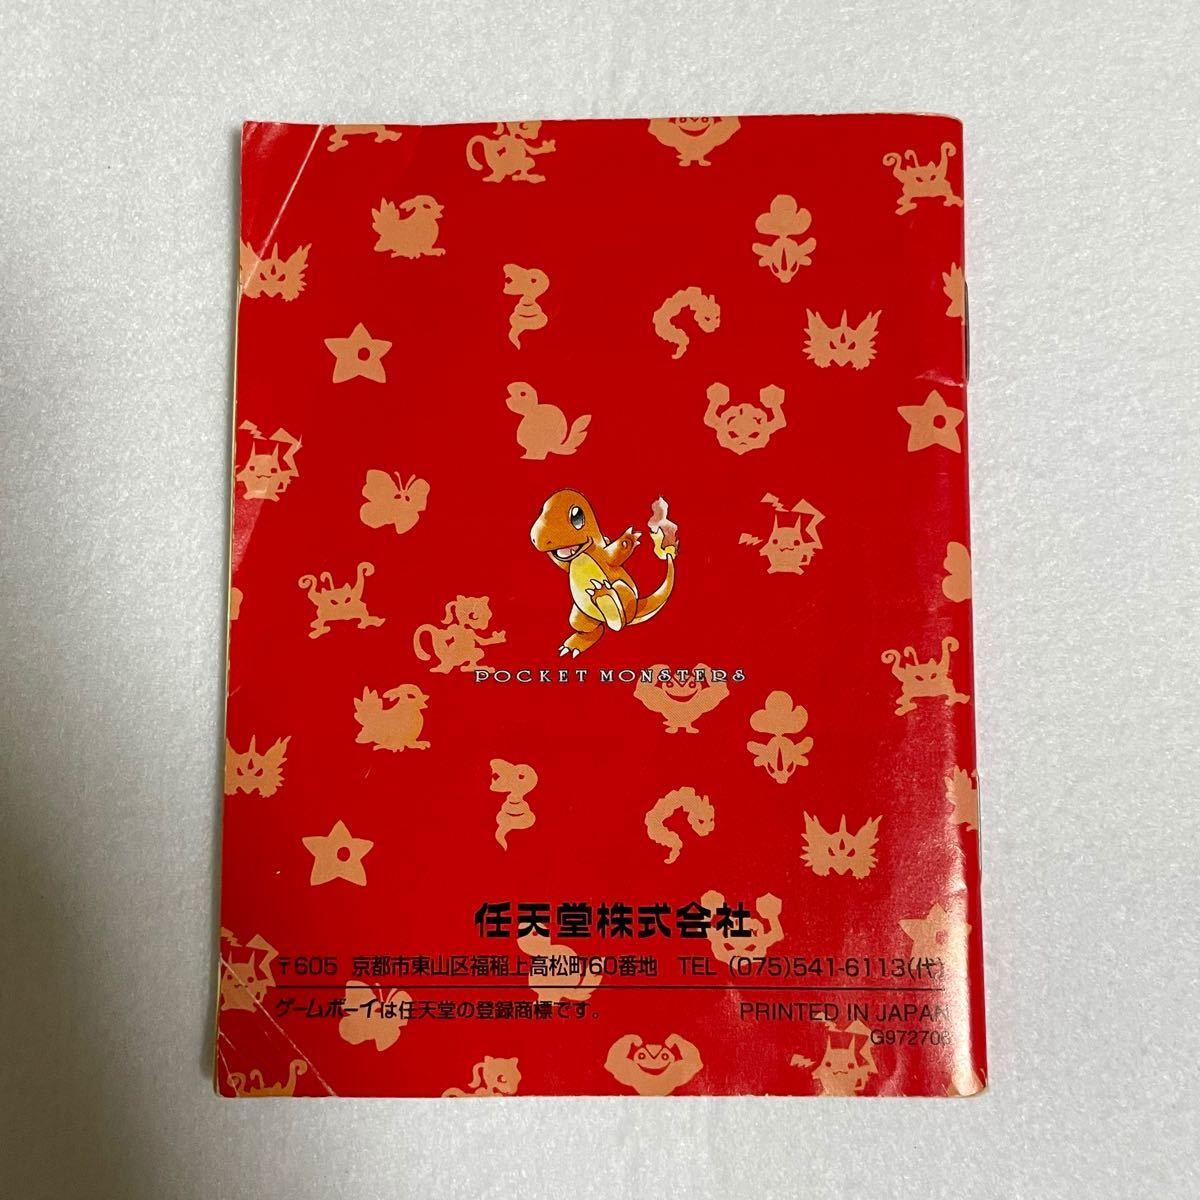 ゲームボーイ ポケットモンスター 赤 レッド ポケモン ソフト